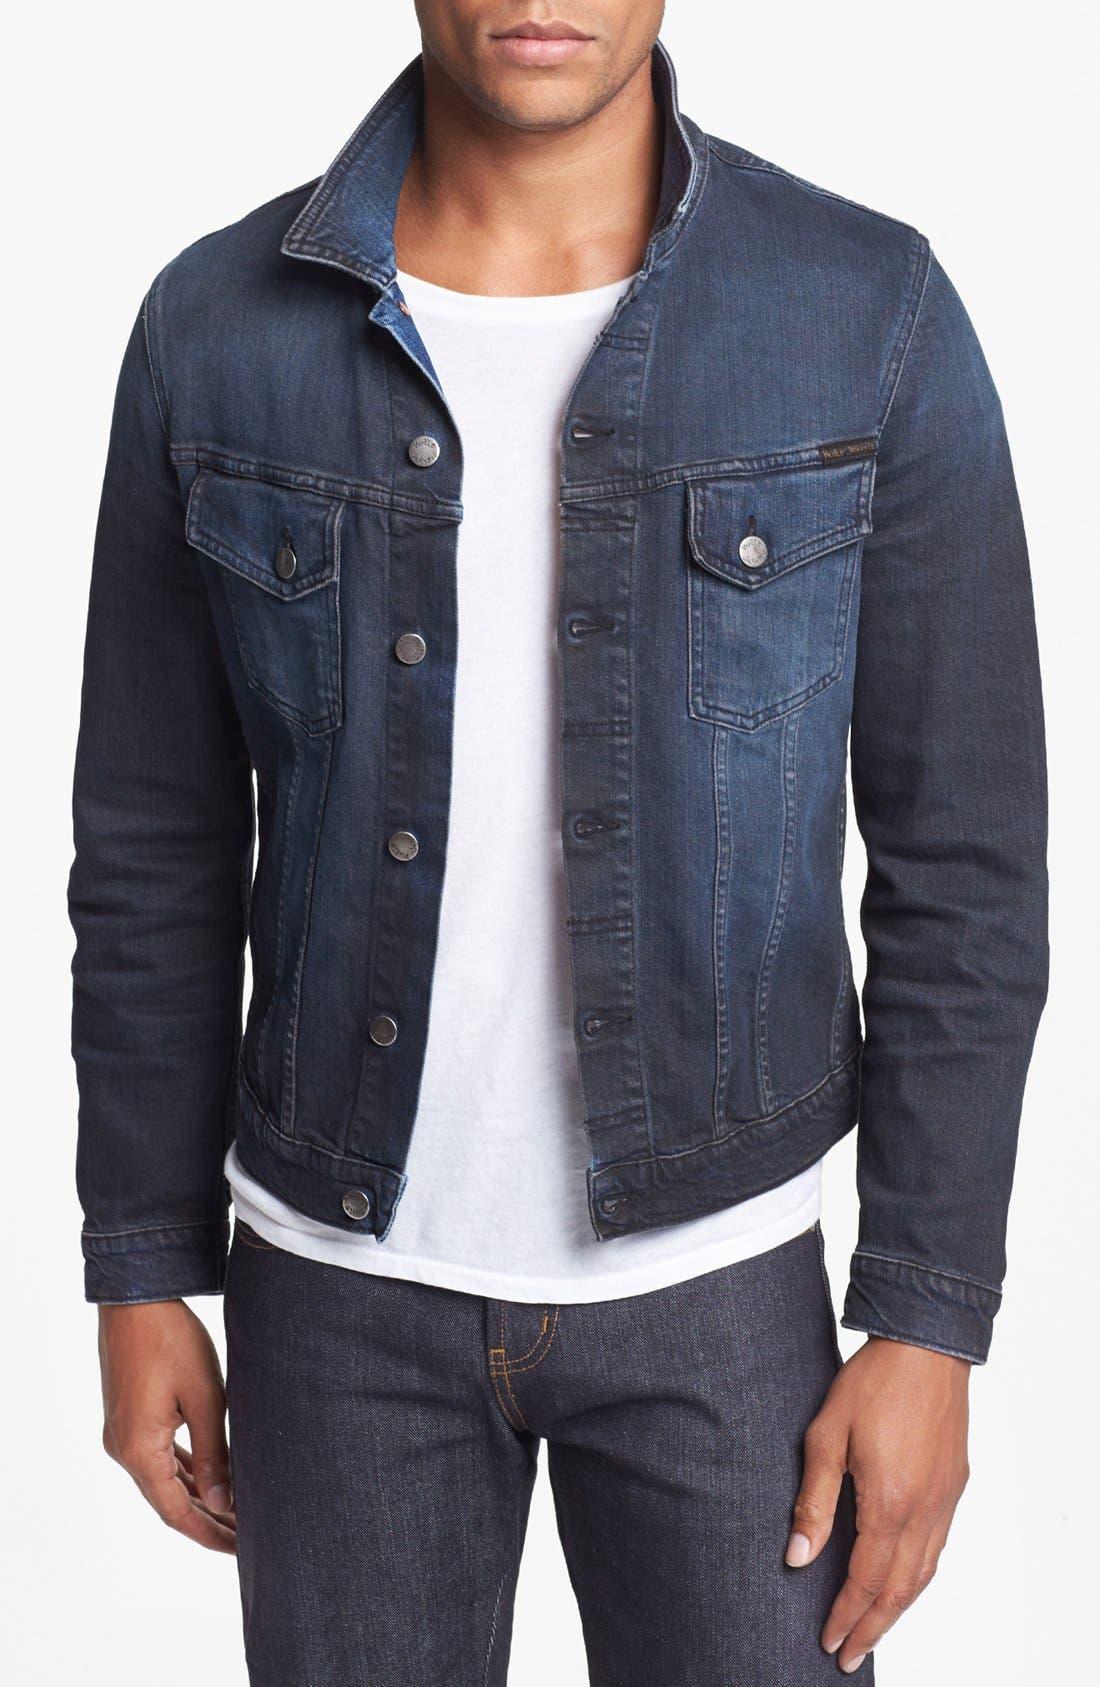 Alternate Image 1 Selected - Nudie Jeans 'Perry' Organic Denim Jacket